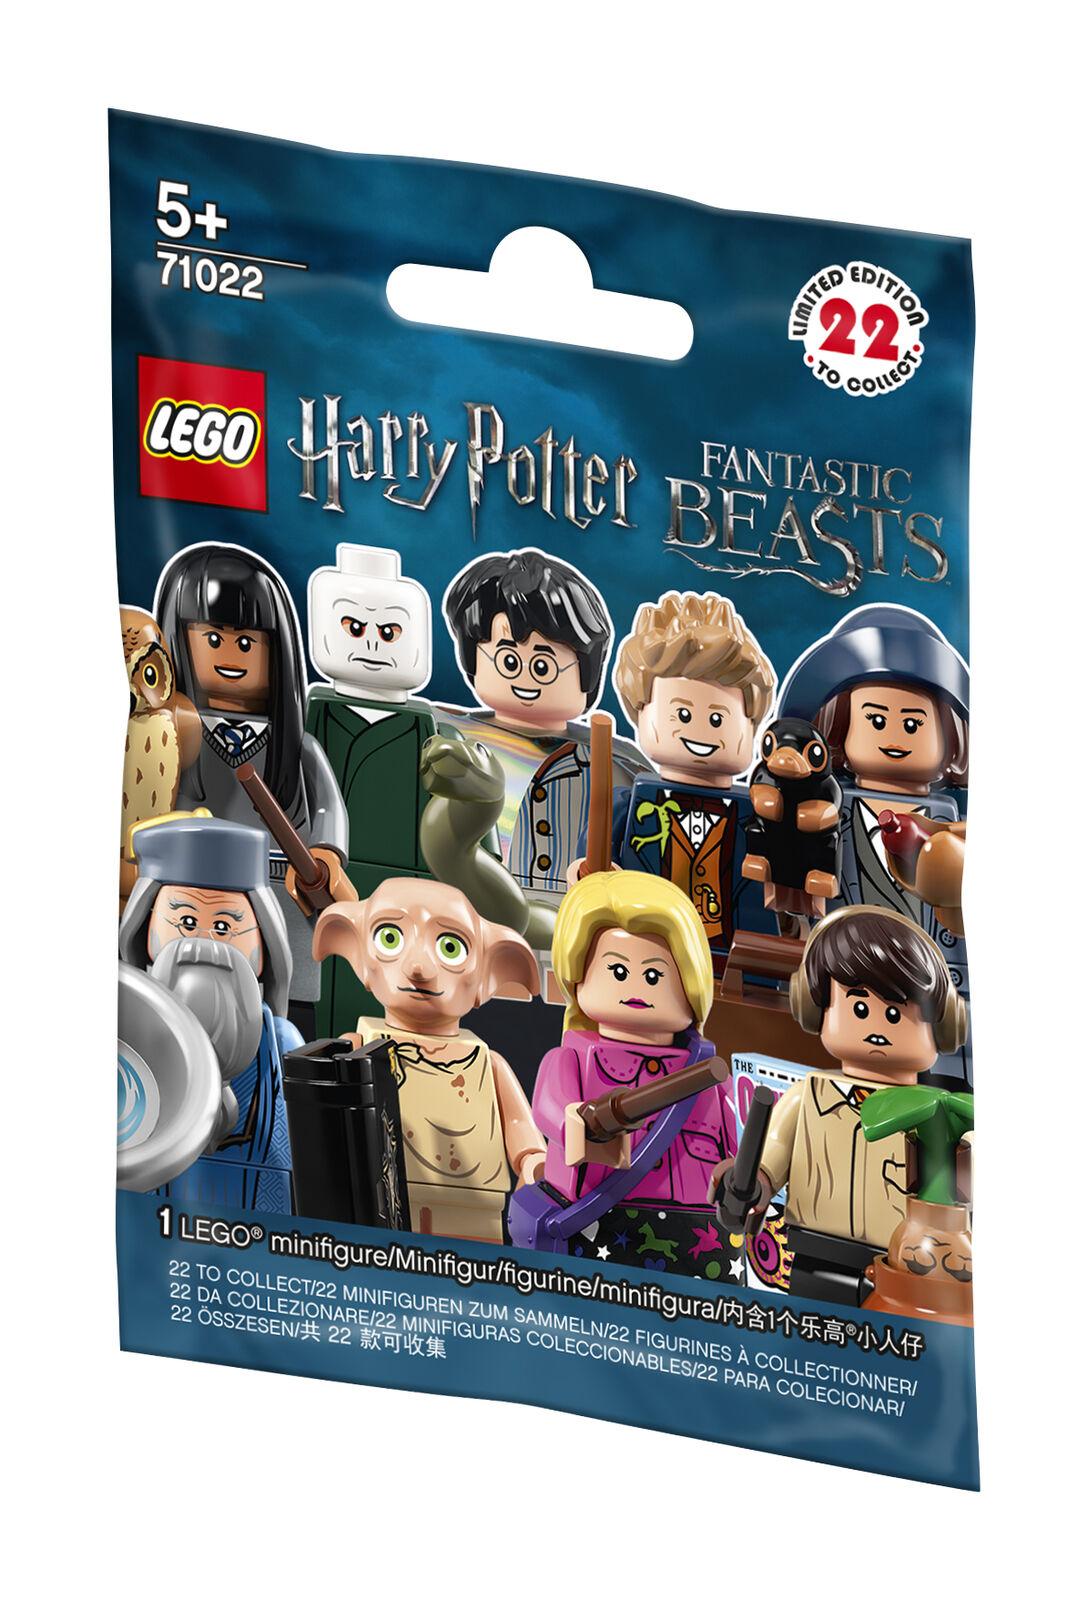 günstig kaufen LEGO Minifigures Harry Potter und Phantastische Tierwesen 71022